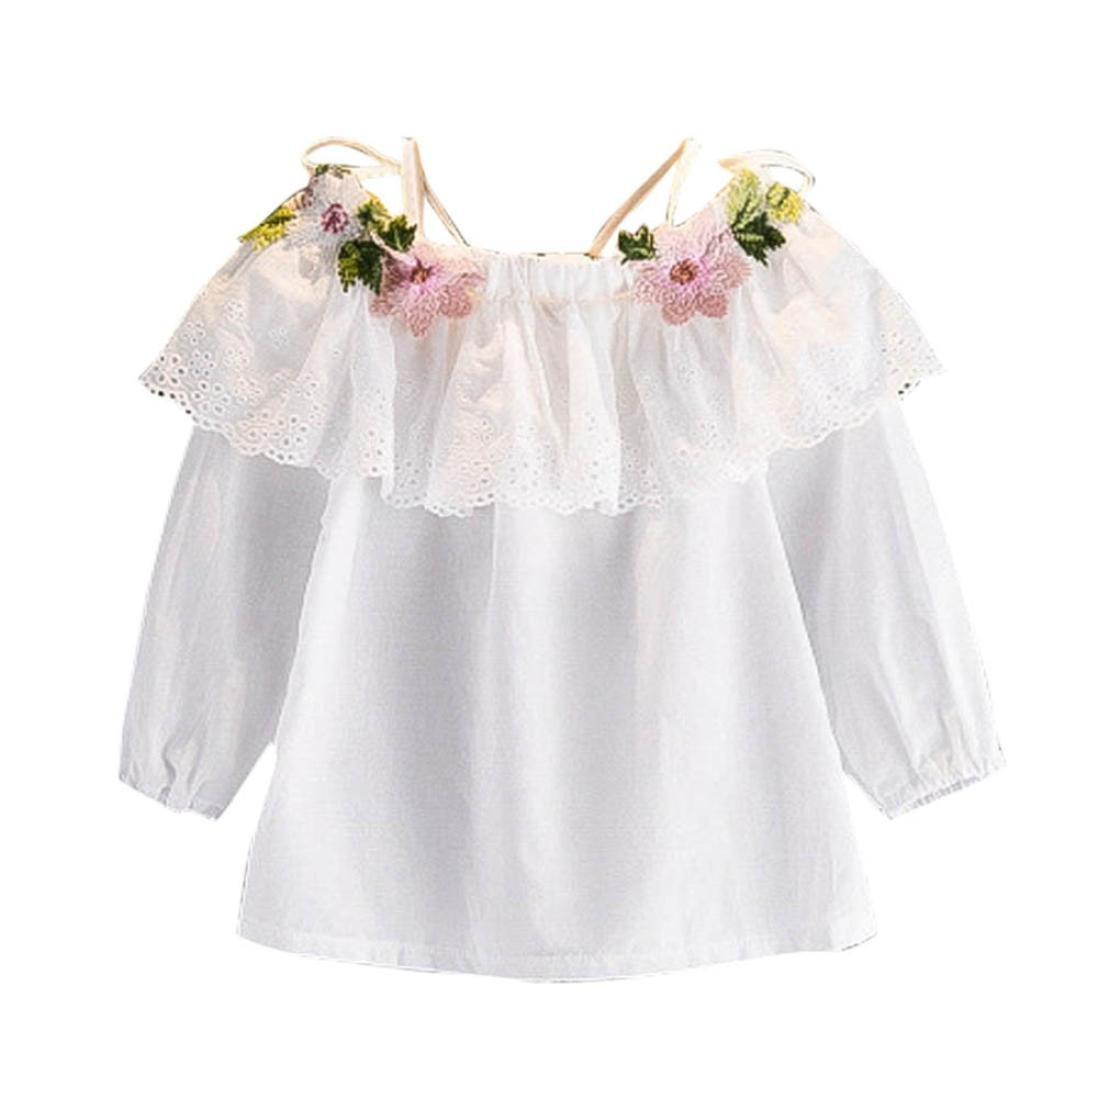 Blouse Filles Bébés,Xinan BéBé Longues Manches Tops Automne Fleurs Vêtements 2-7 ans (blanc, 2-3T) Xinan BéBé Longues Manches Tops Automne Fleurs Vêtements 2-7 ans (blanc Coton mélangé